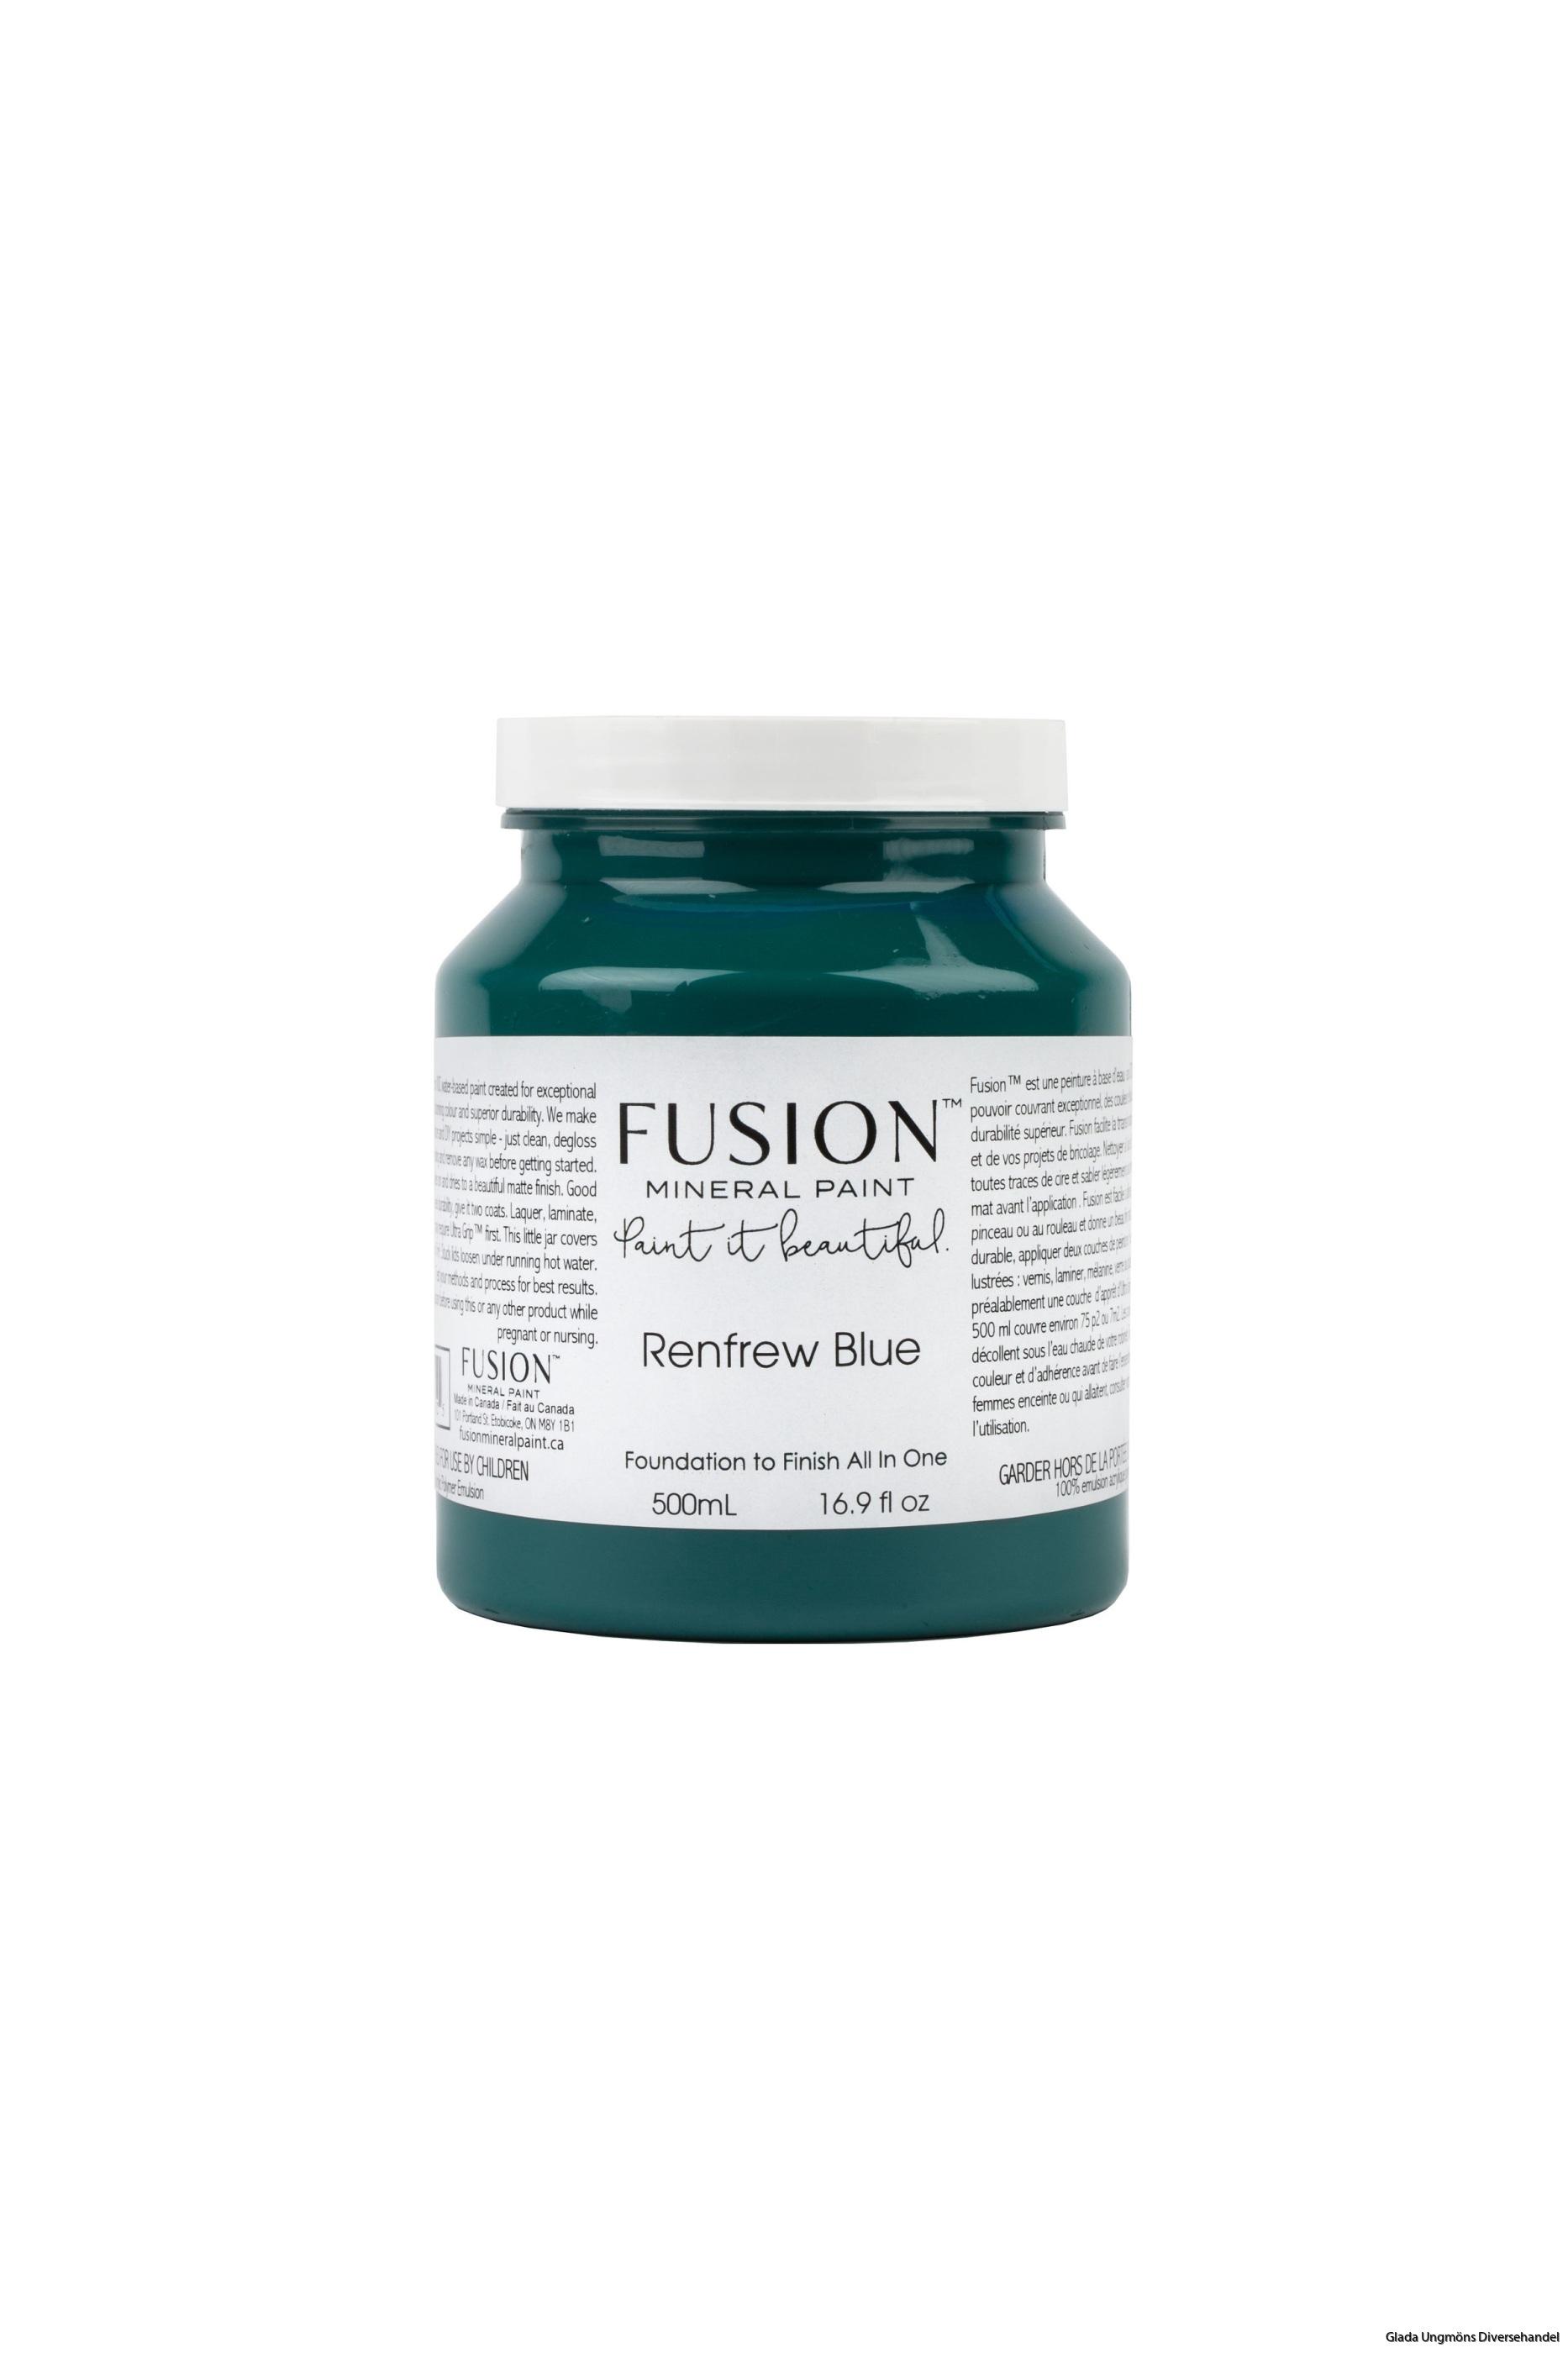 fusion_mineral_paint-renfrewblue-pint